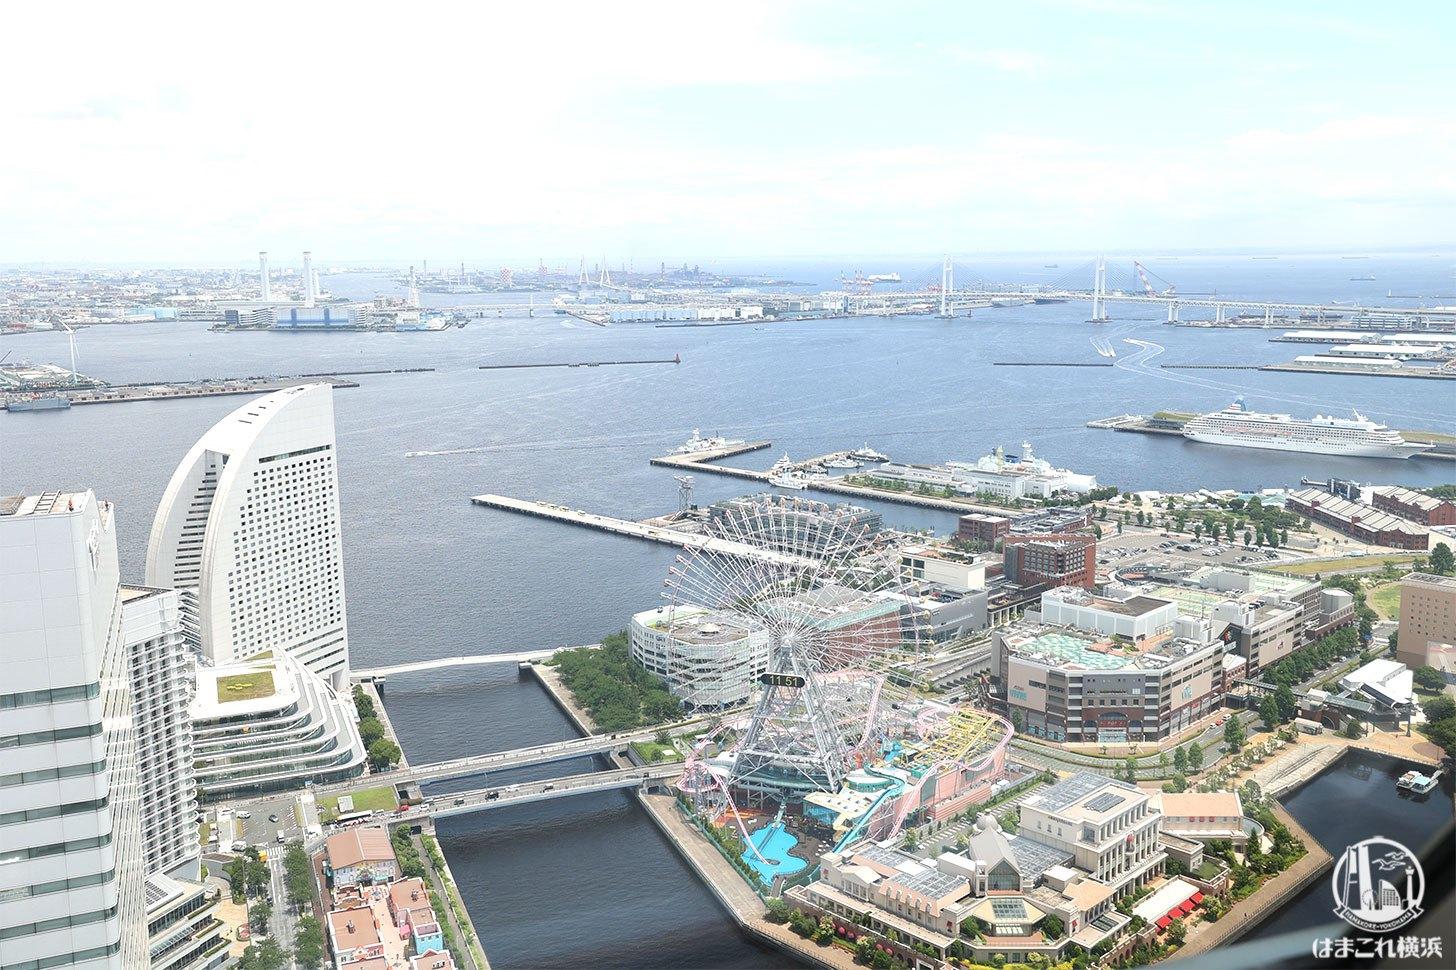 エントランスロビーとフロントから見た横浜の景色